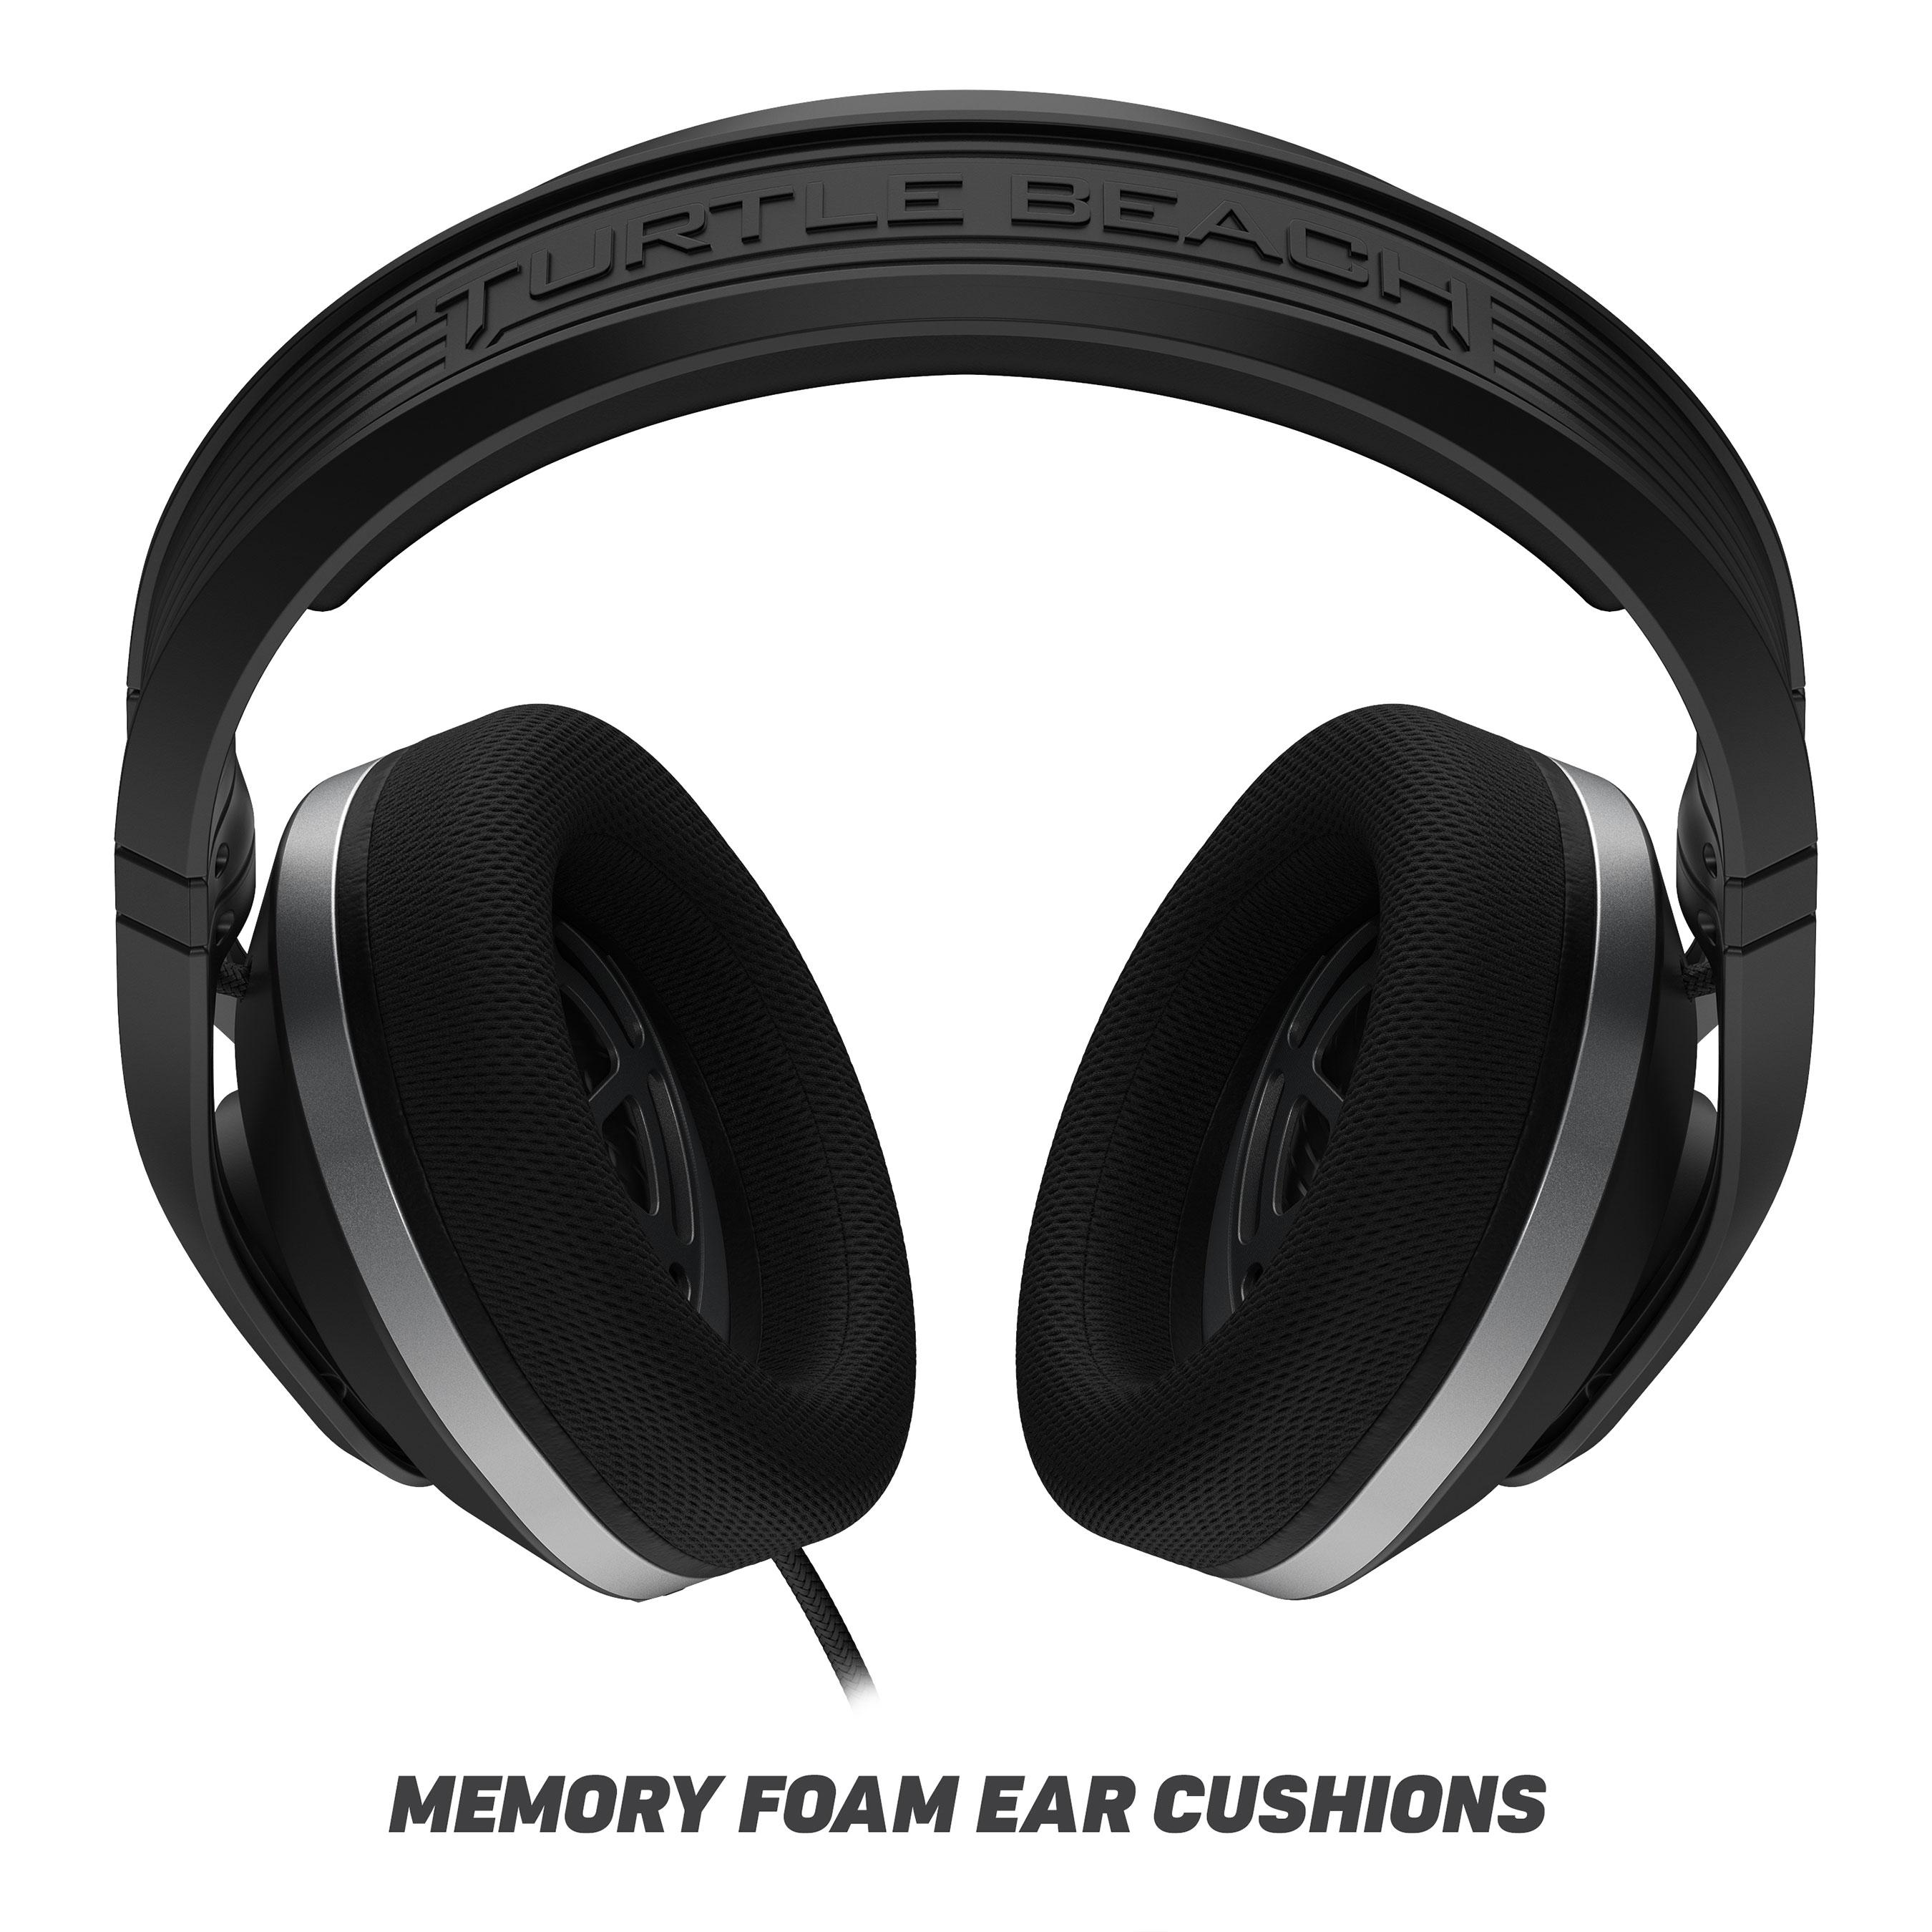 Plush memory foam cushions plus ProSpecs™ glasses-friendly tech provides unmatched comfort.